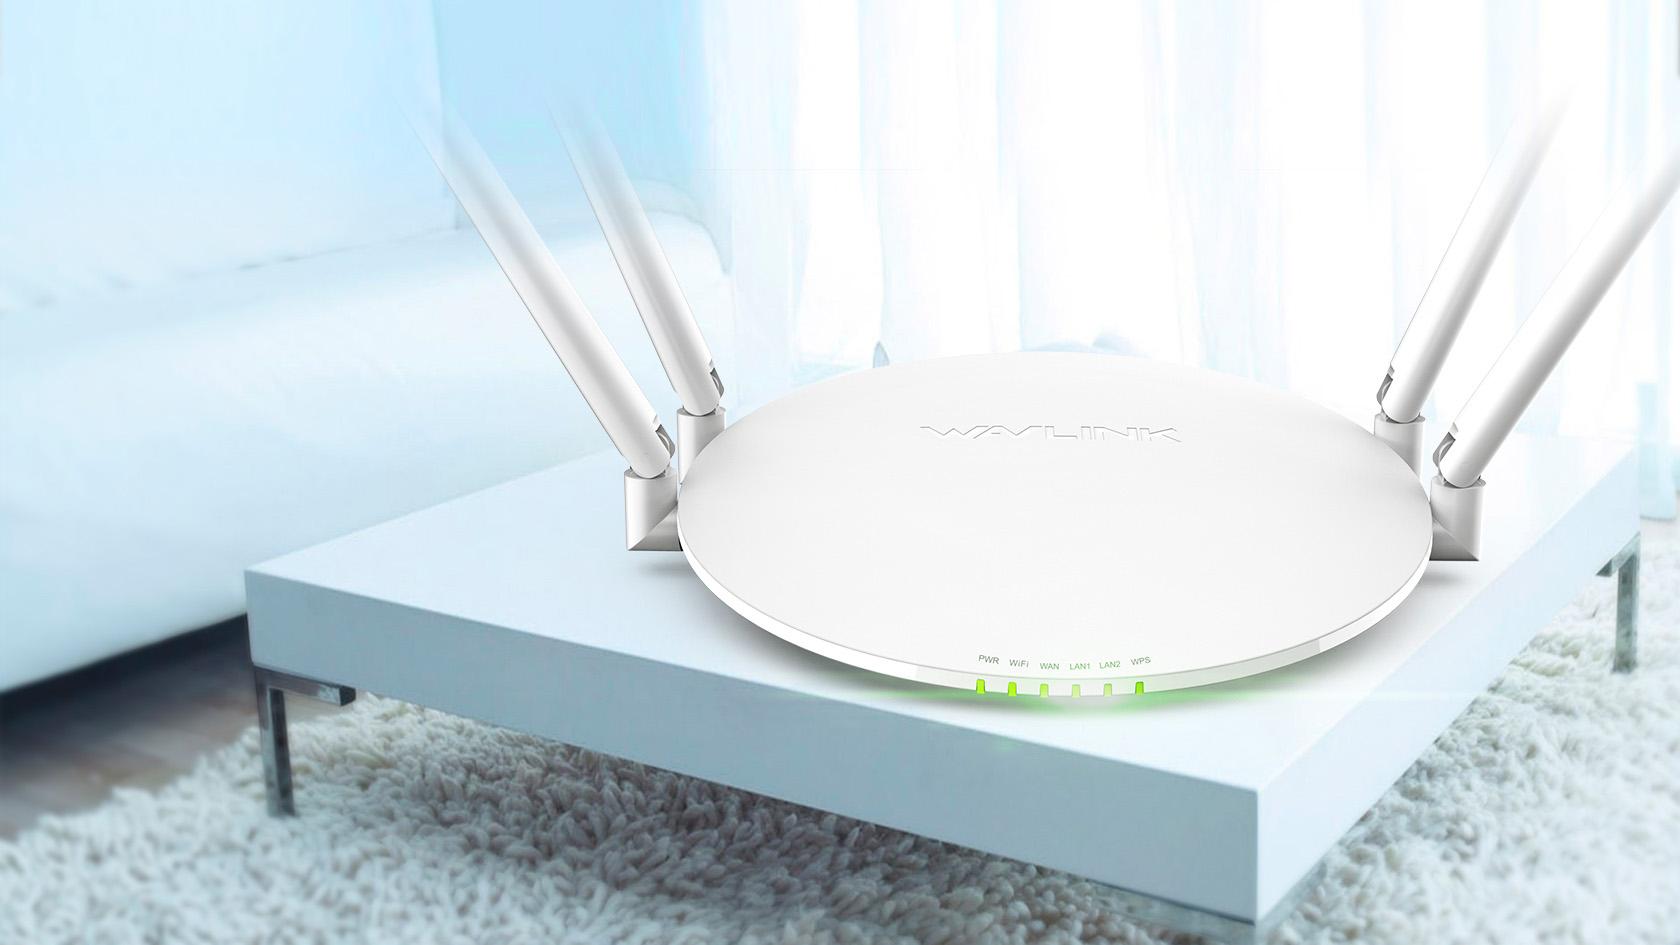 睿因S32双频1200Mbps无线智能路由器,碟式设计,居家百搭